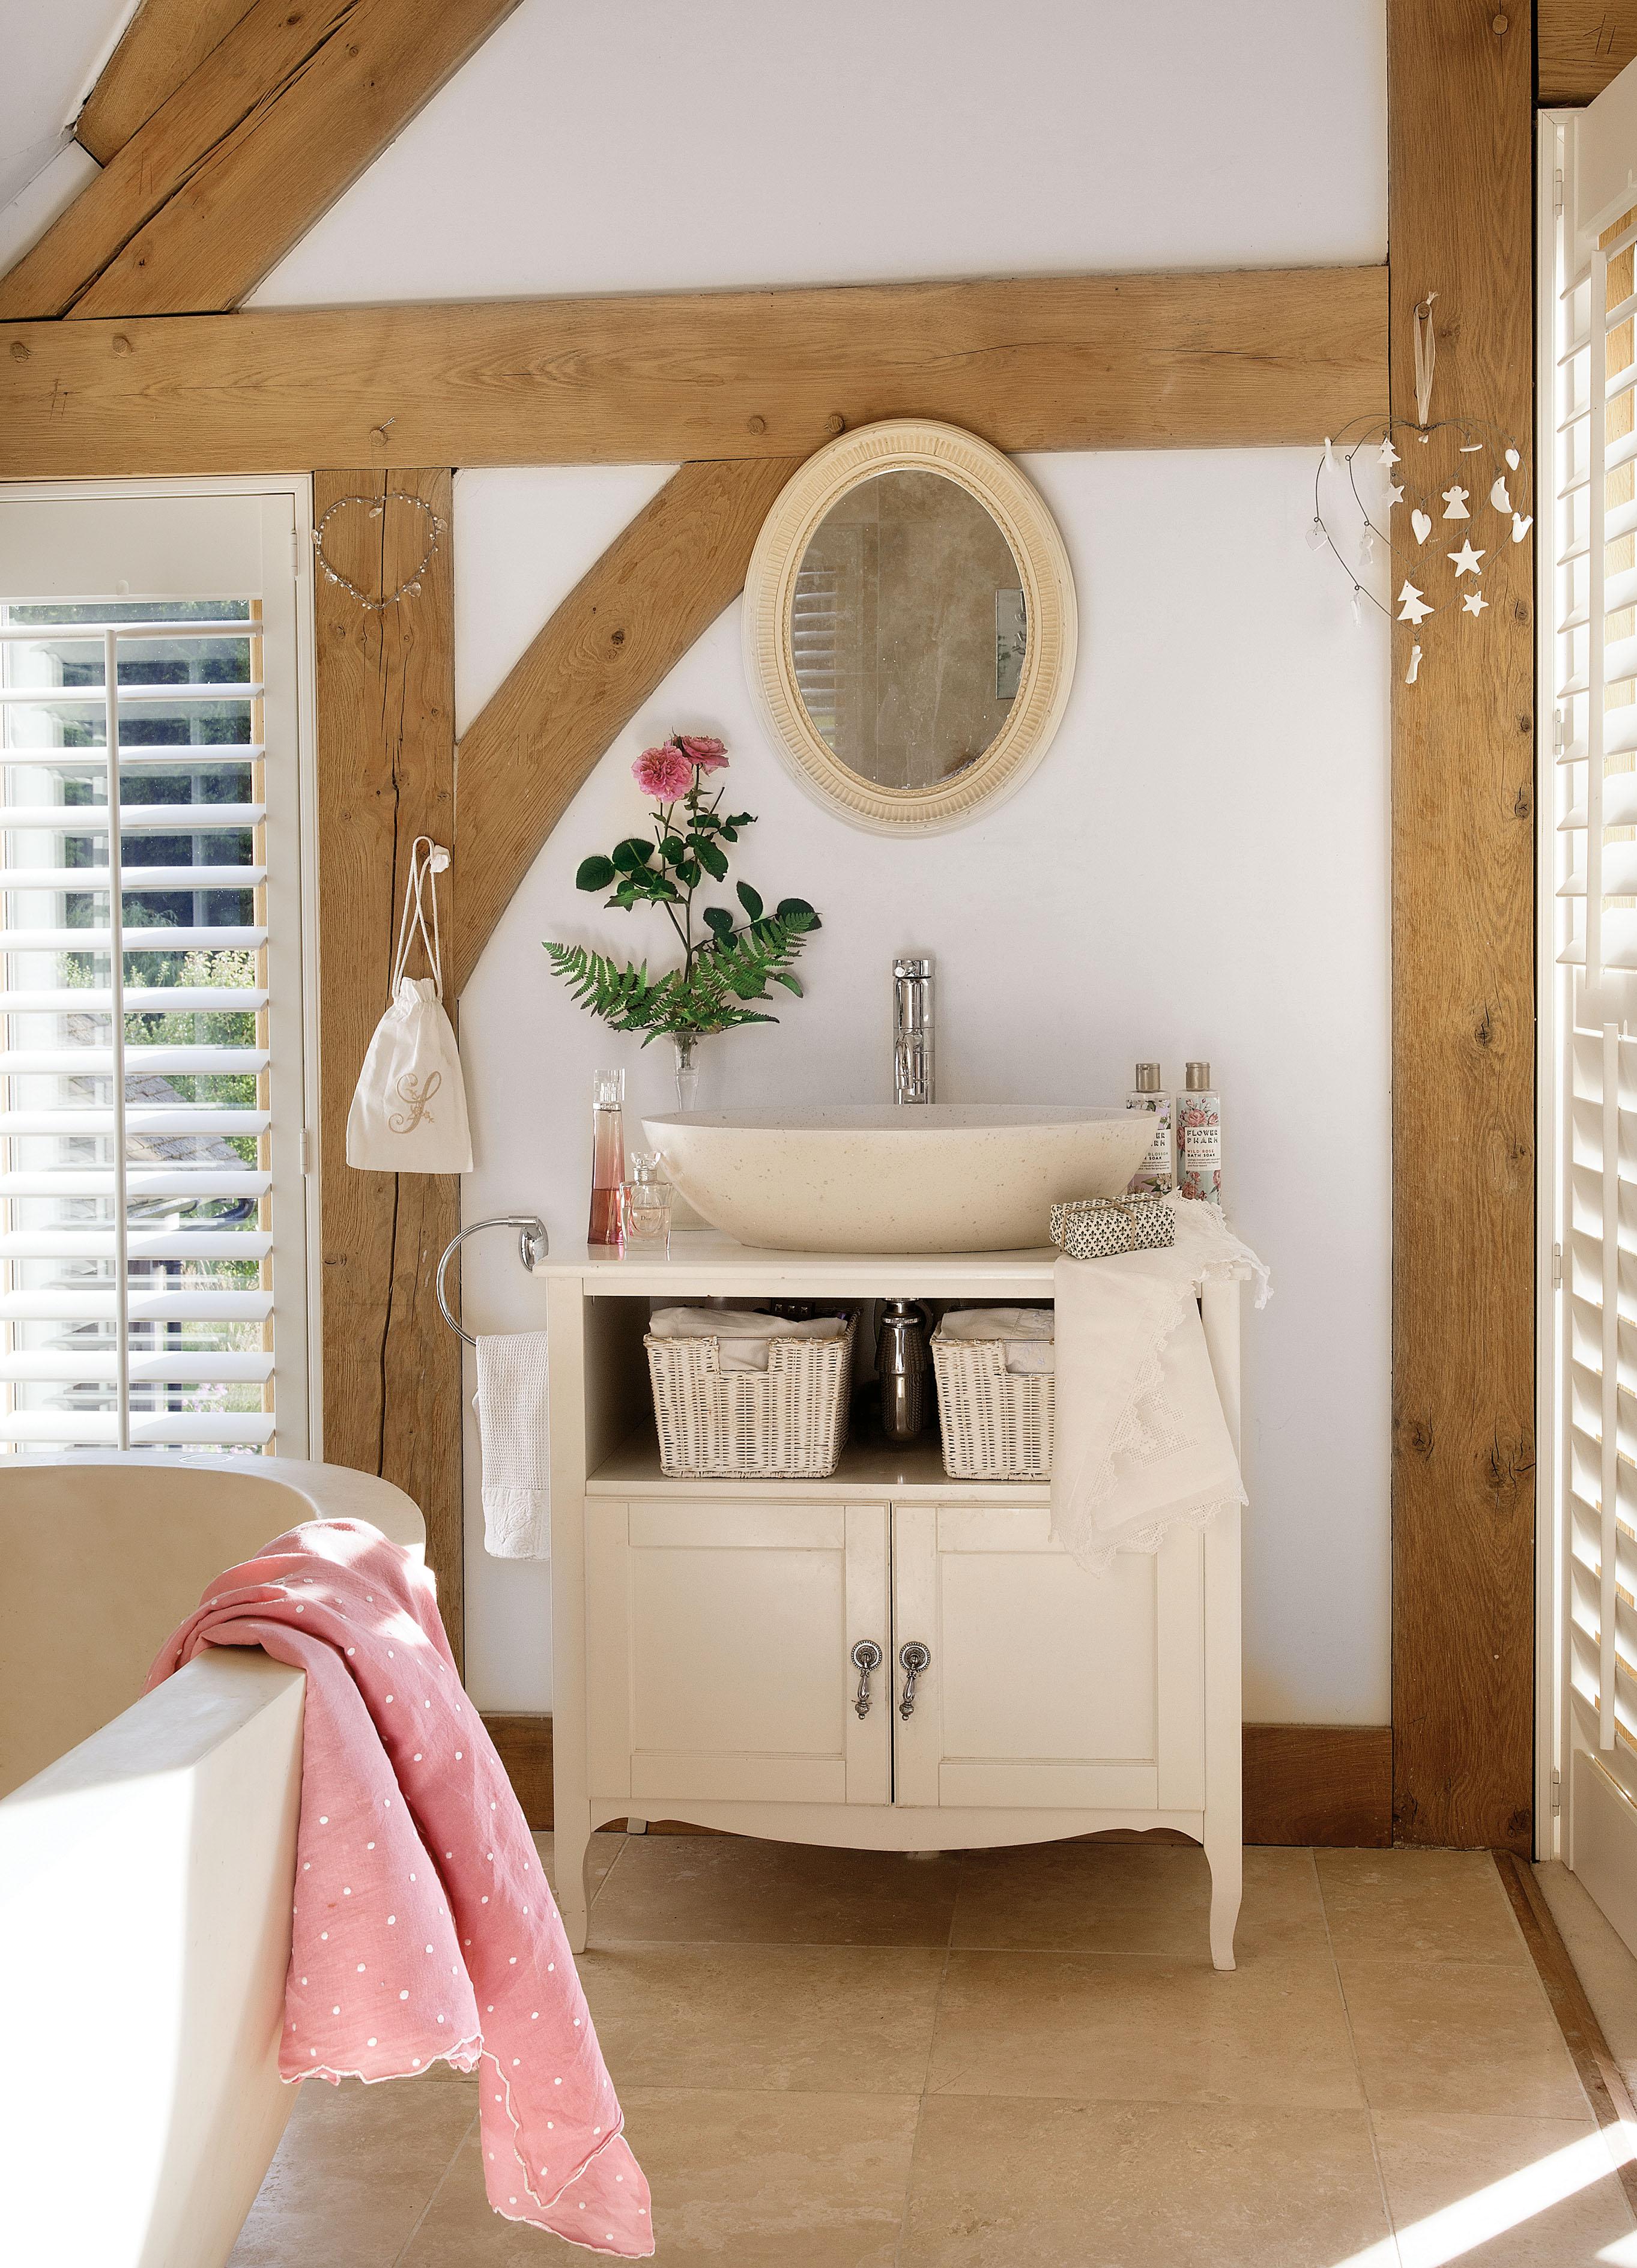 ванная комната комод накладная раковина зеркало жалюзи